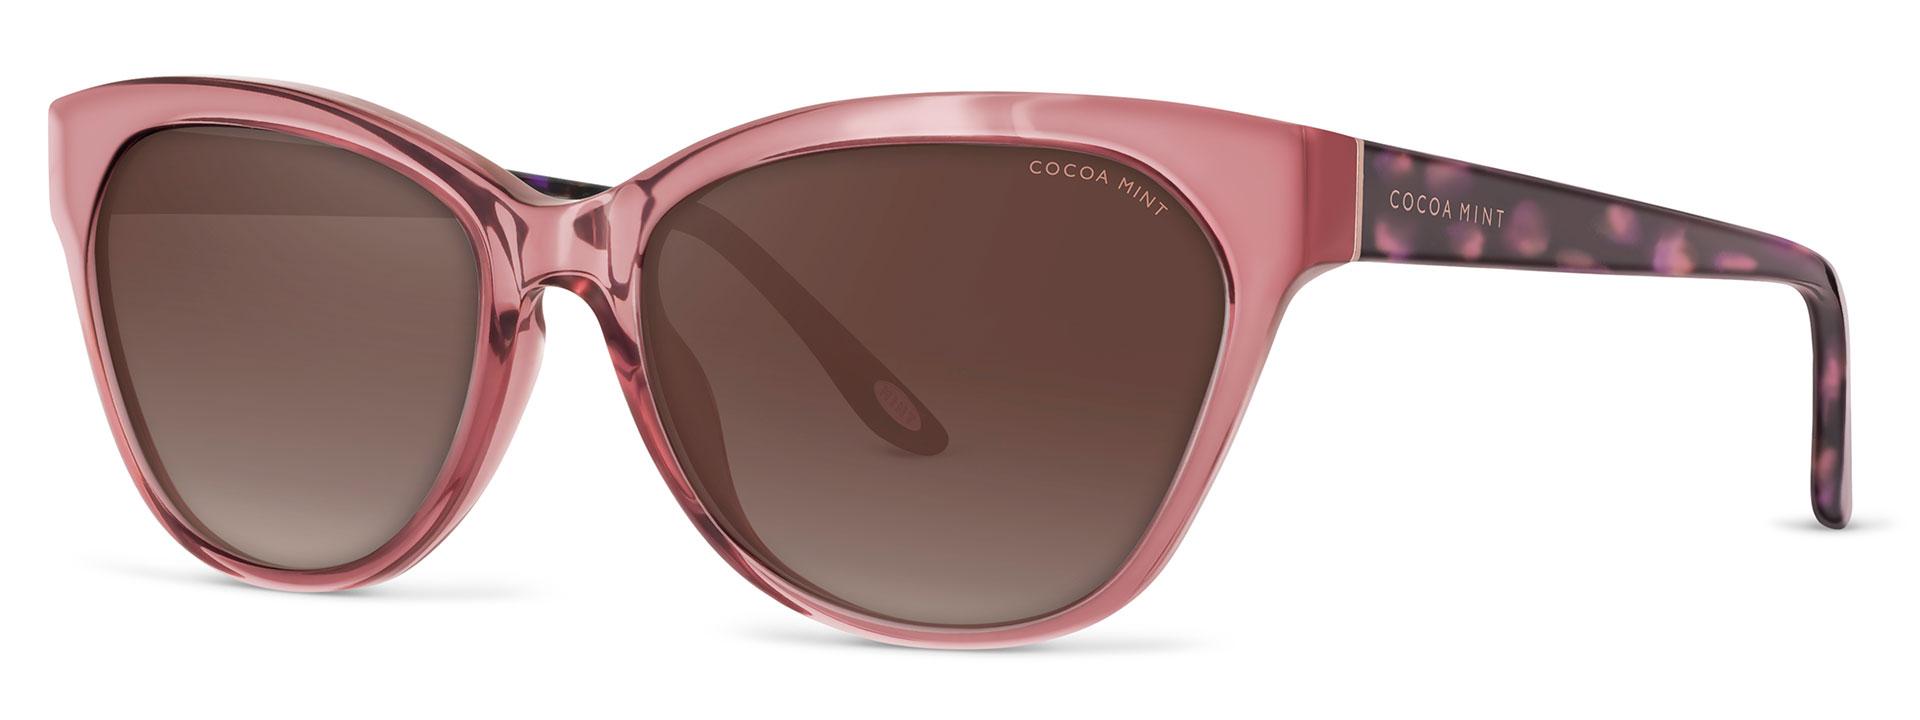 Cocoa Mint Sun Glasses - Pink - CMS2065-C1